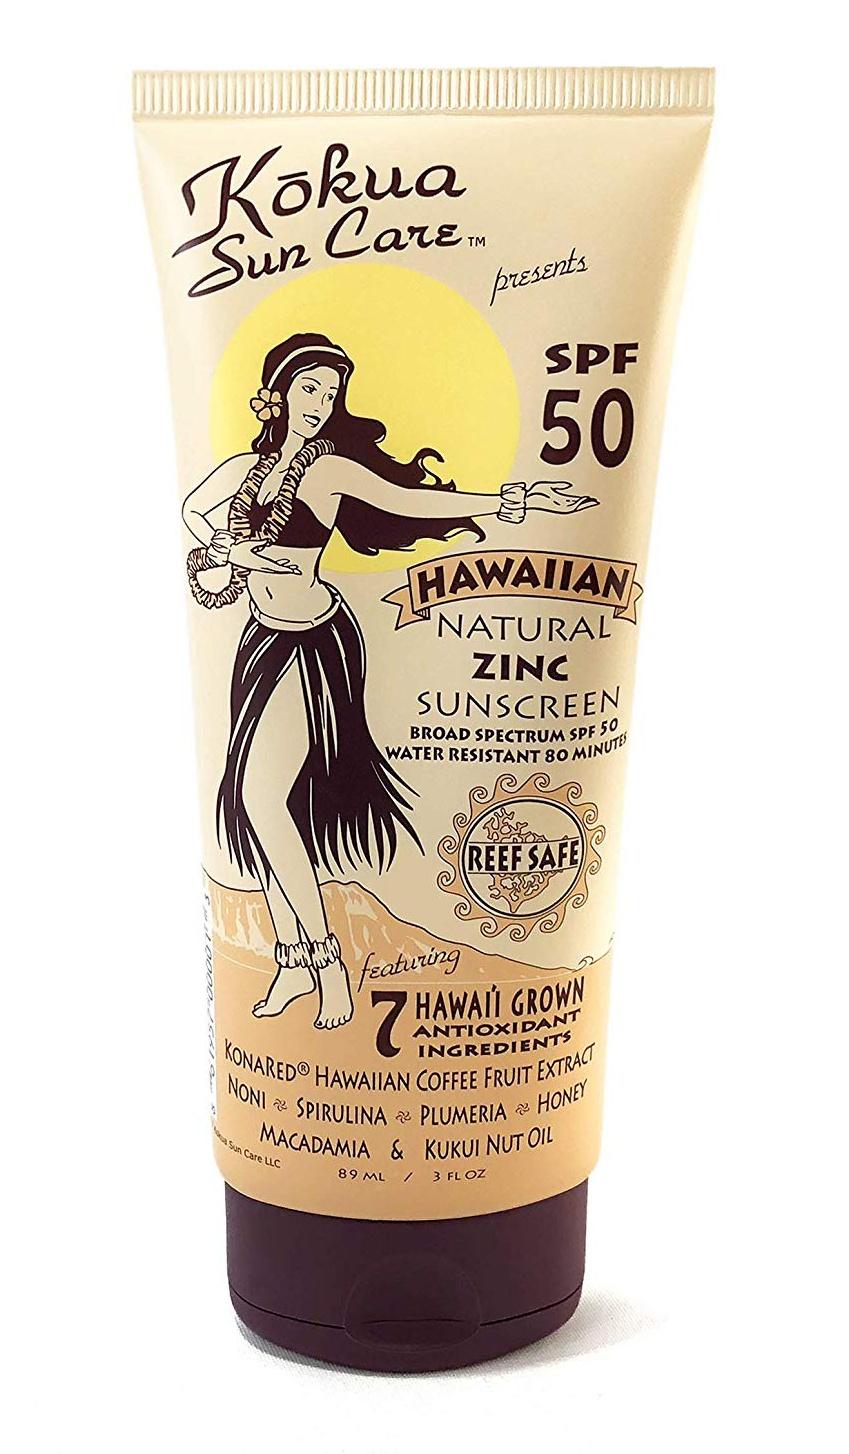 Kokua Sun Care Hawaiian Natural Zinc Sunscreen